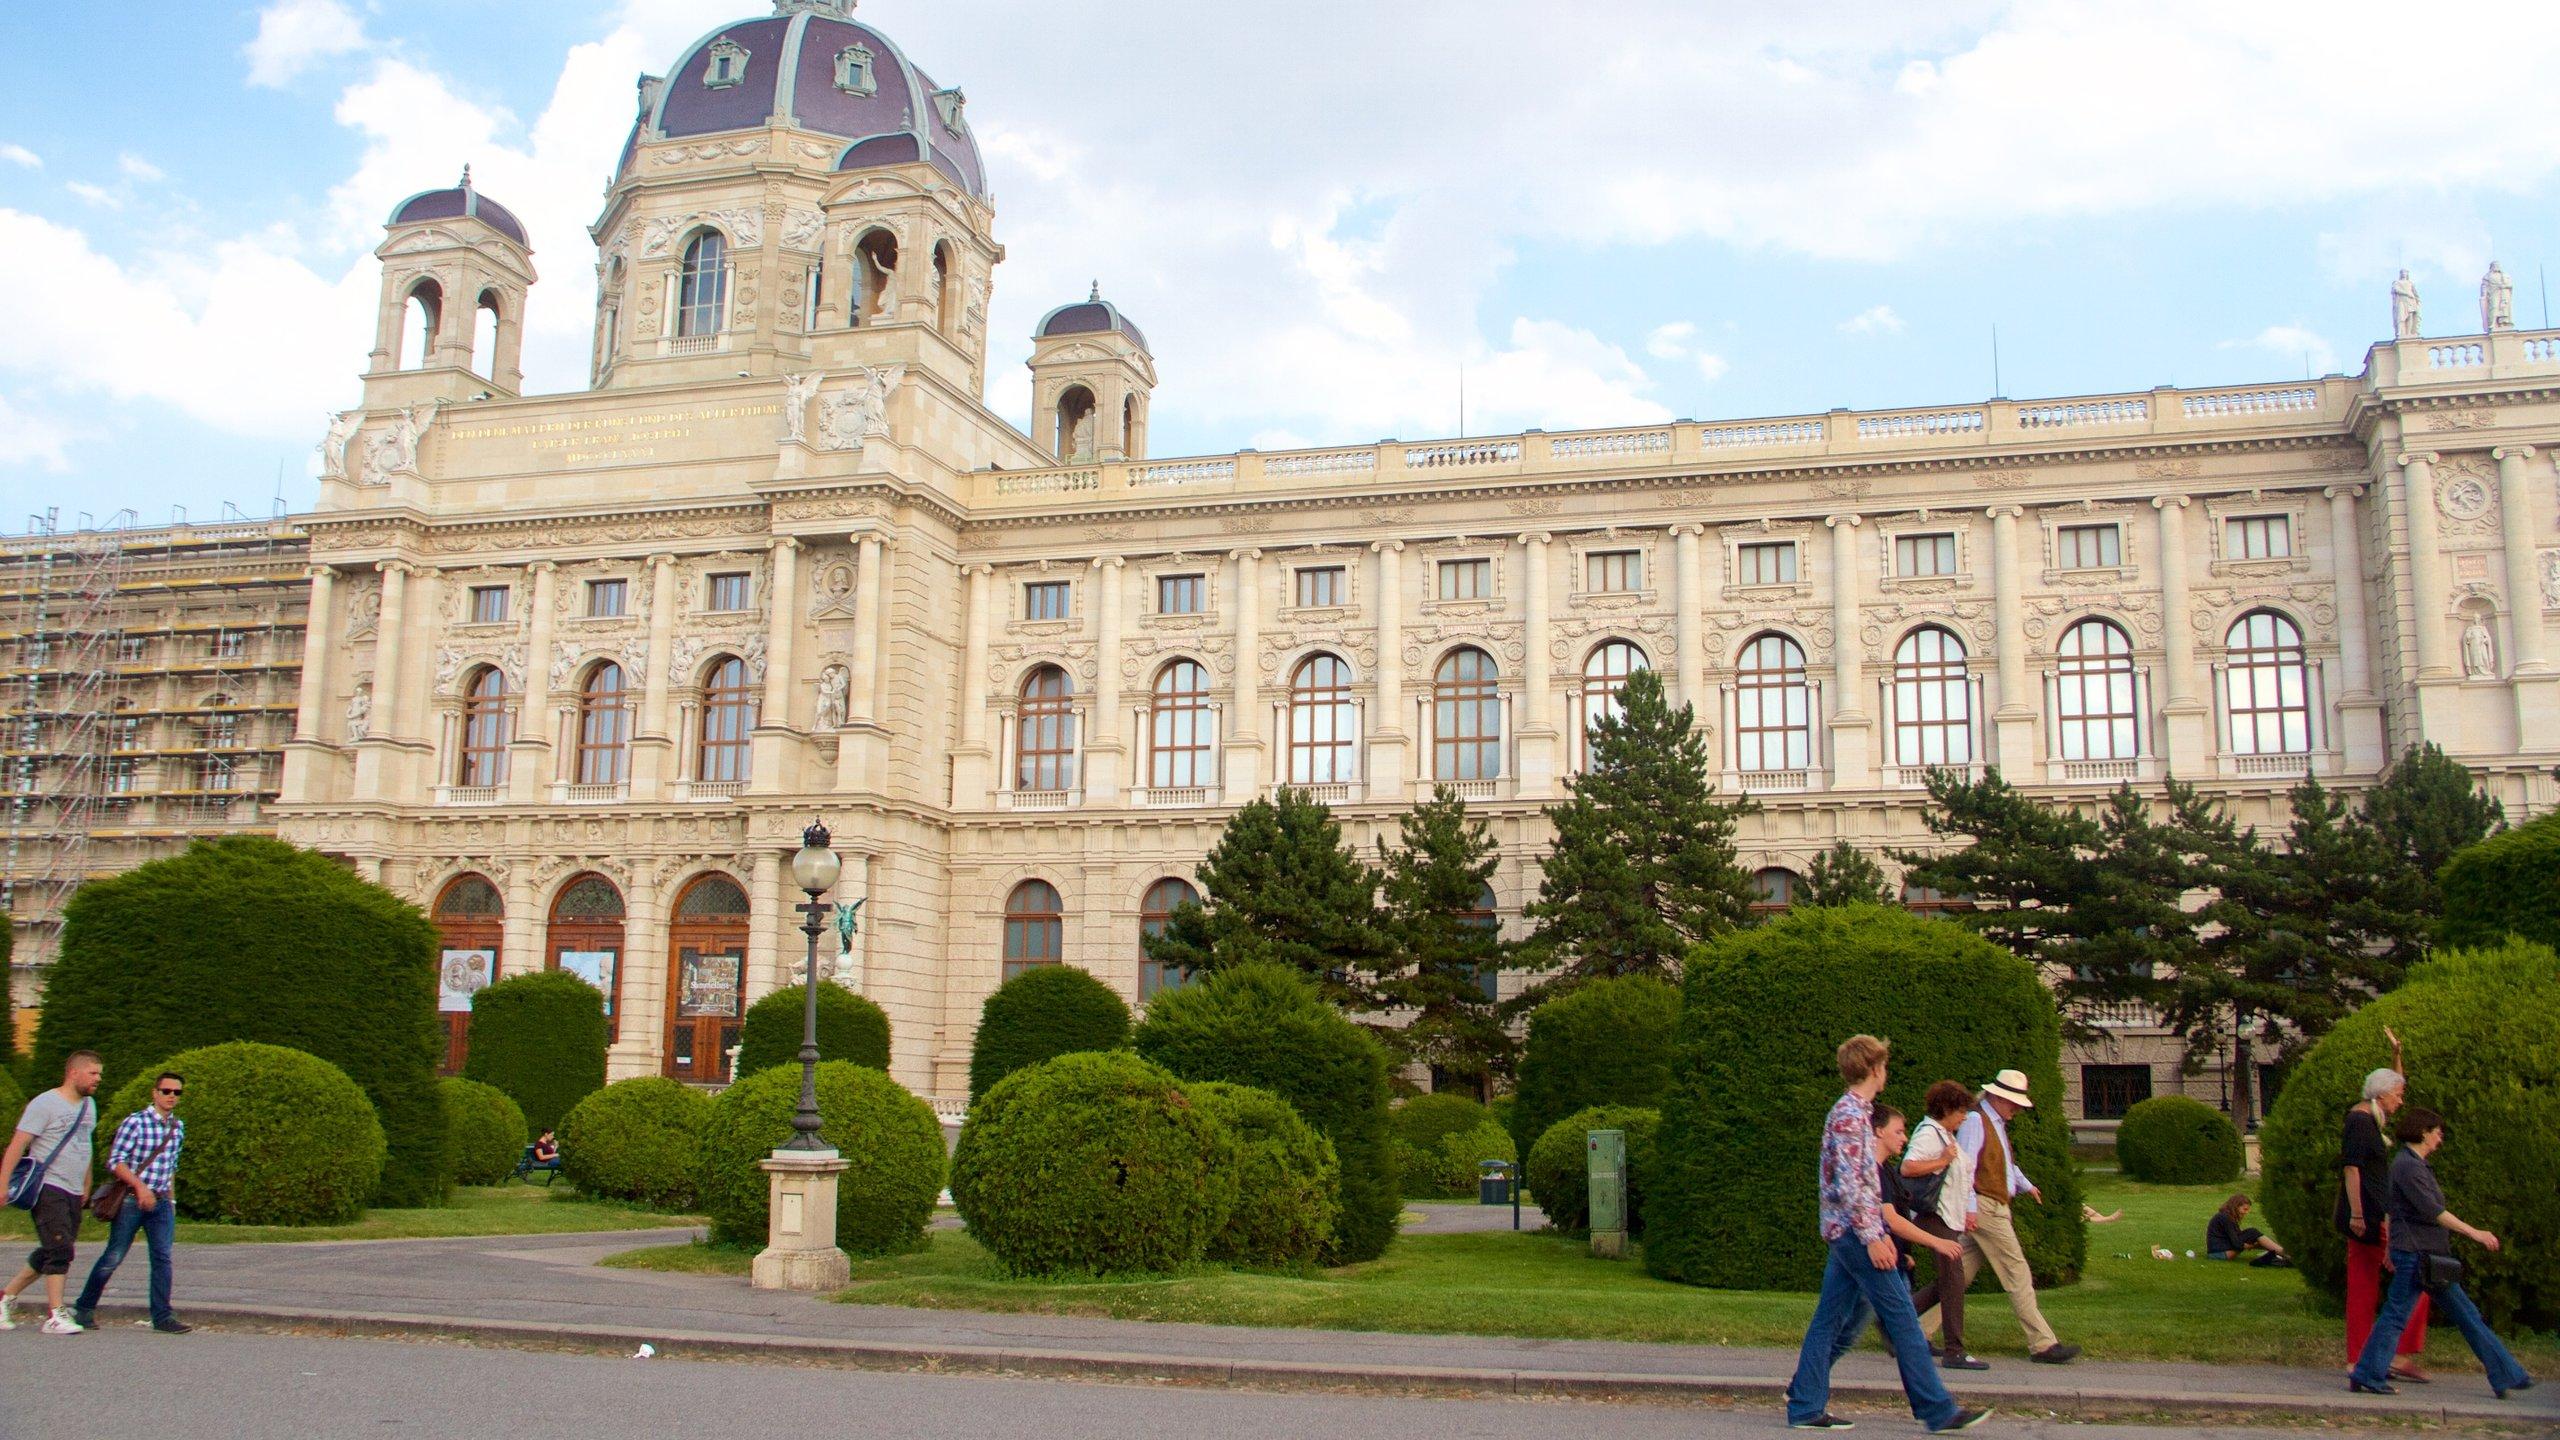 Neubau, Wien, Österreich